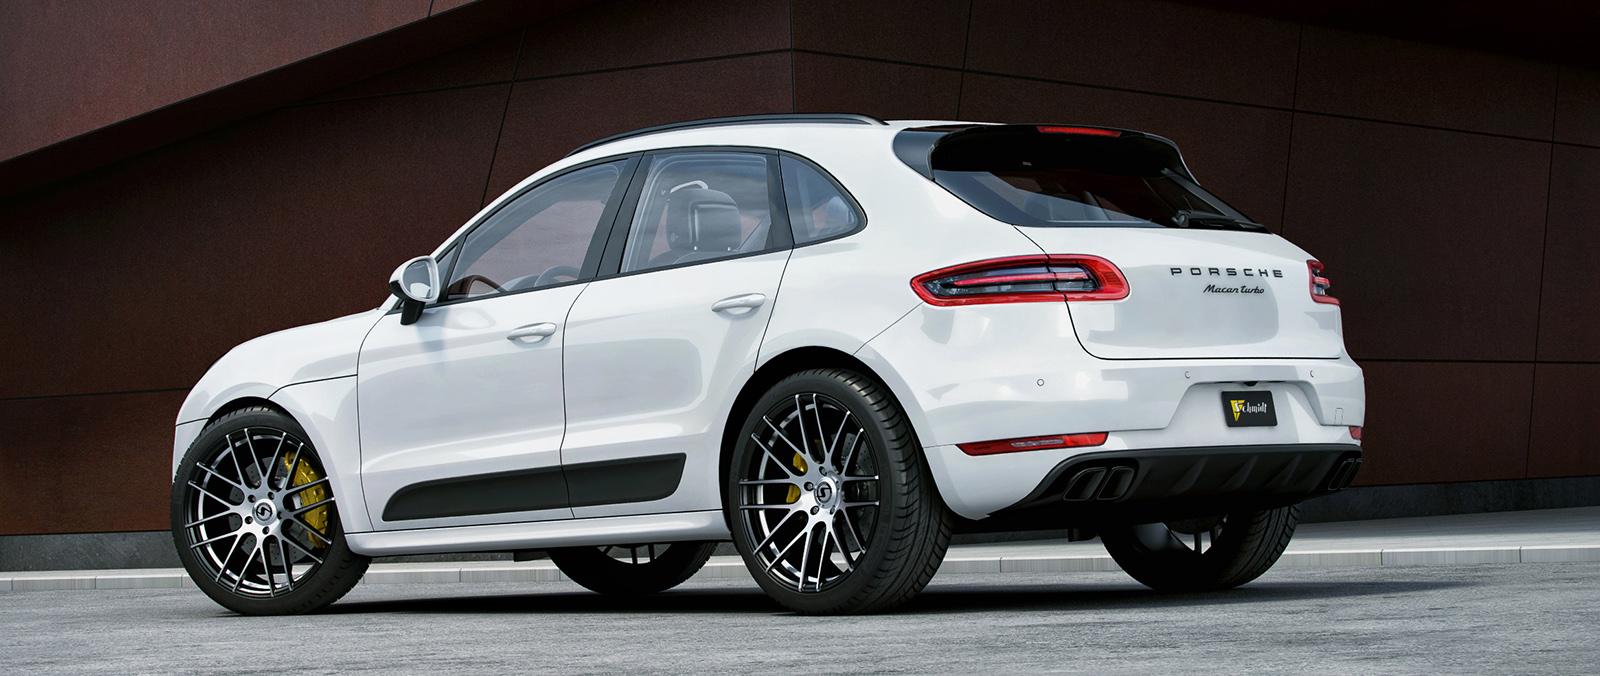 Porsche Macan Met Dikke Velgen Porsche Autoliefhebbercom